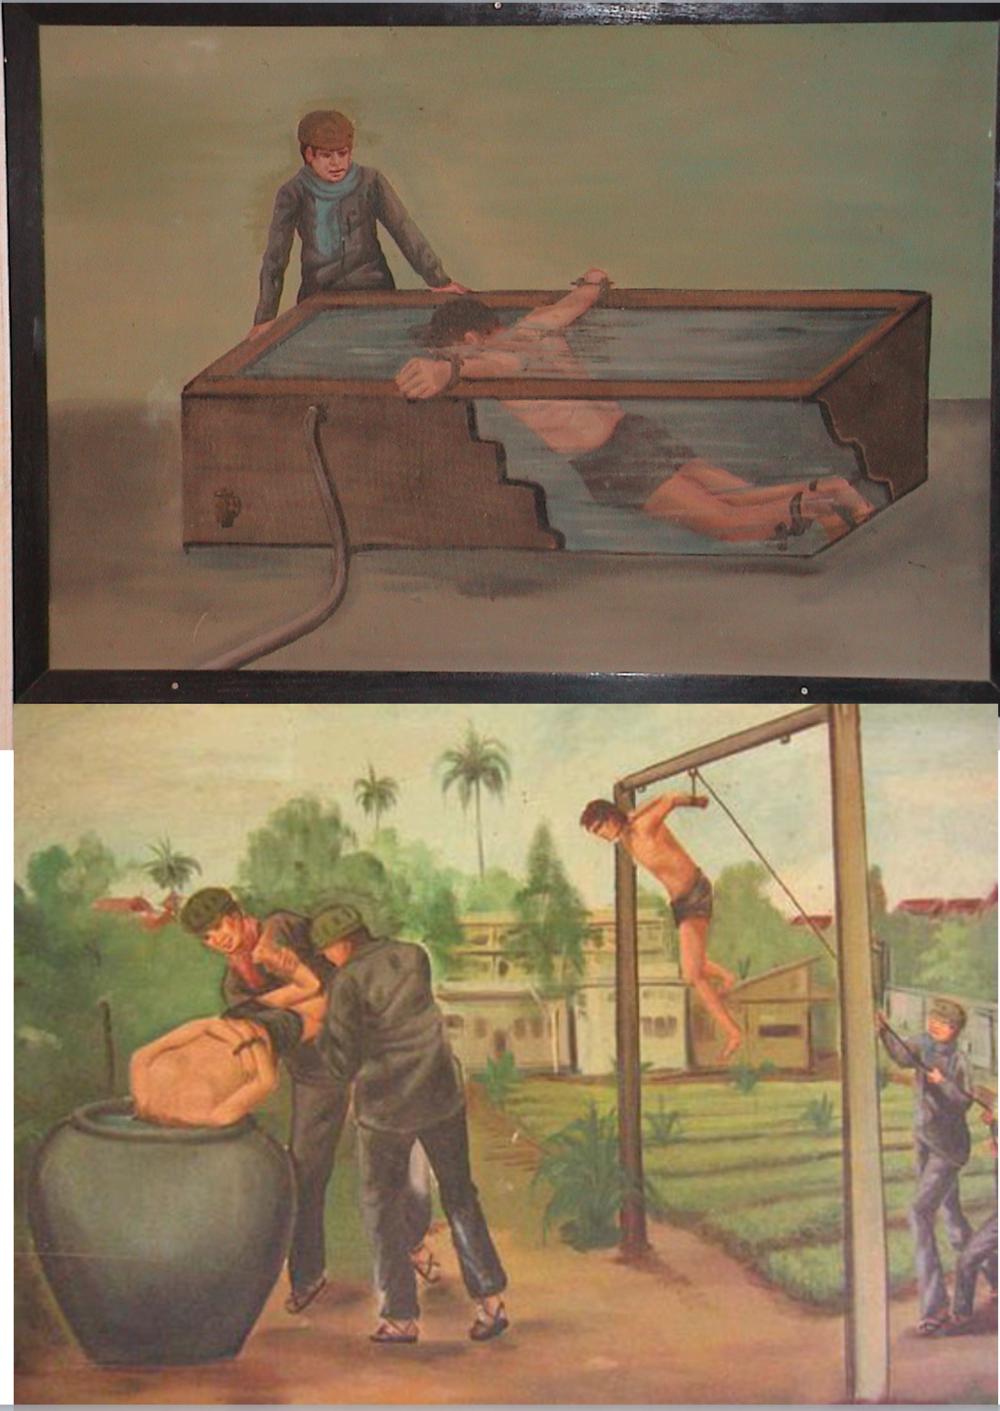 Torturas en Tuol Sleng. Pinturas de Van Nath, quien sobrevivió gracias a sus dotes artísticas, realizando retratos de Pol Pot